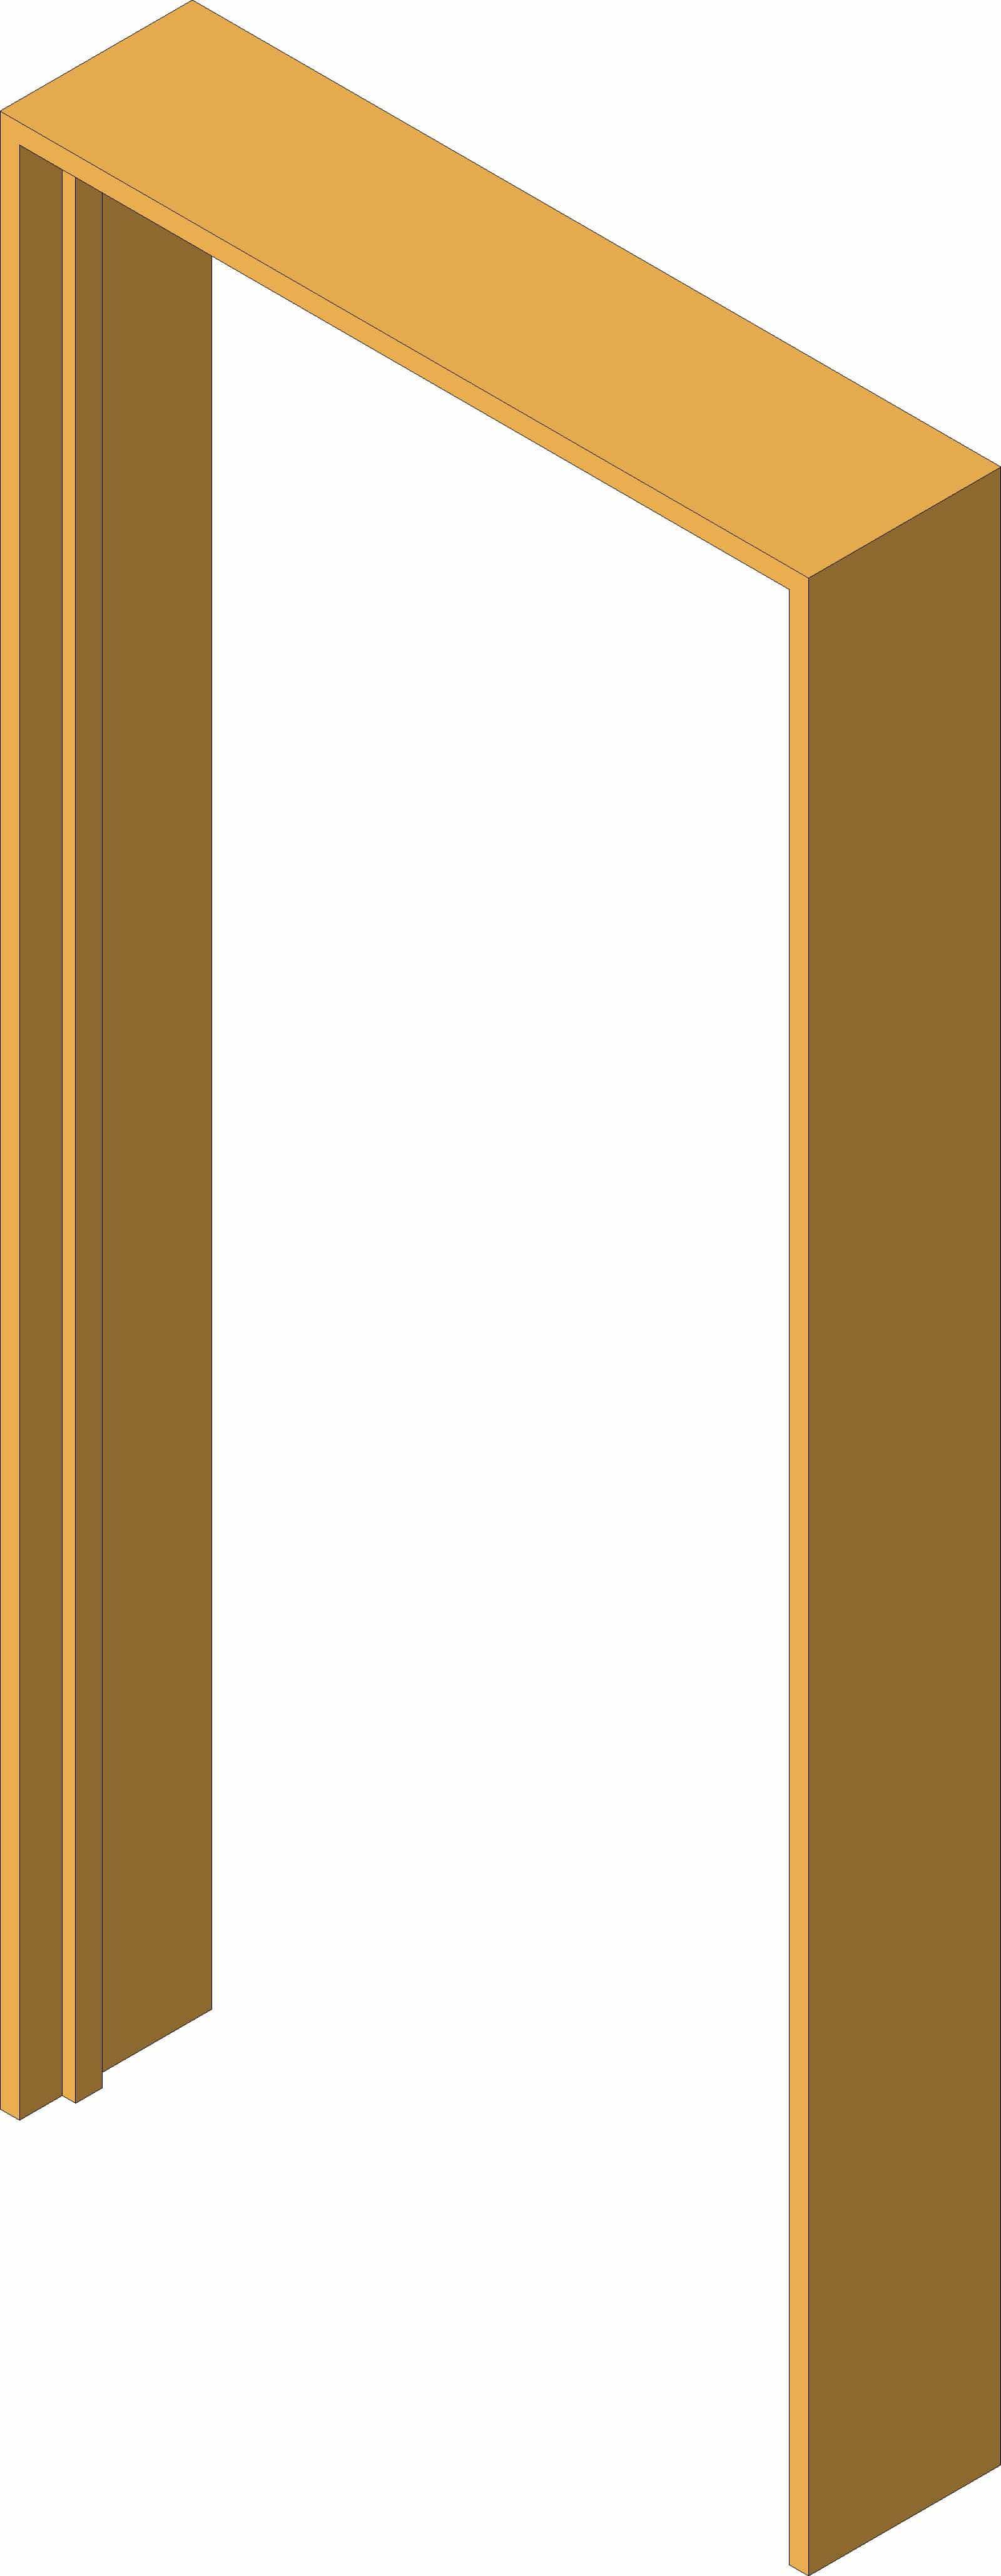 Cypress Door Frame 6x2 Standard Size